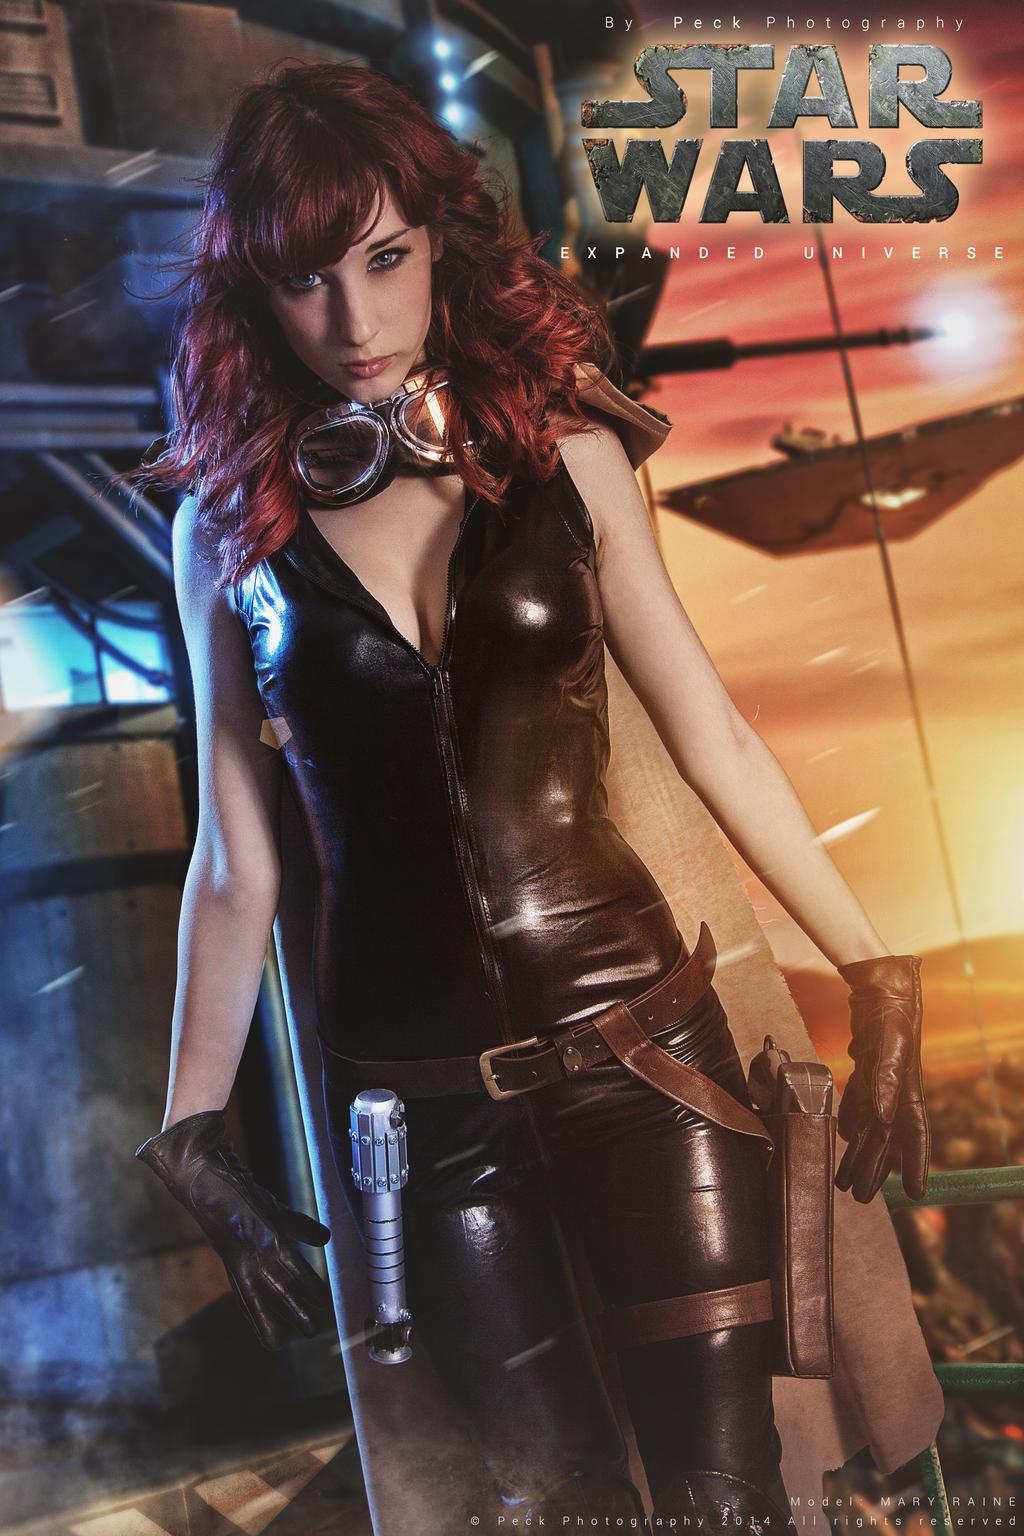 Star wars mara jade cosplay nude